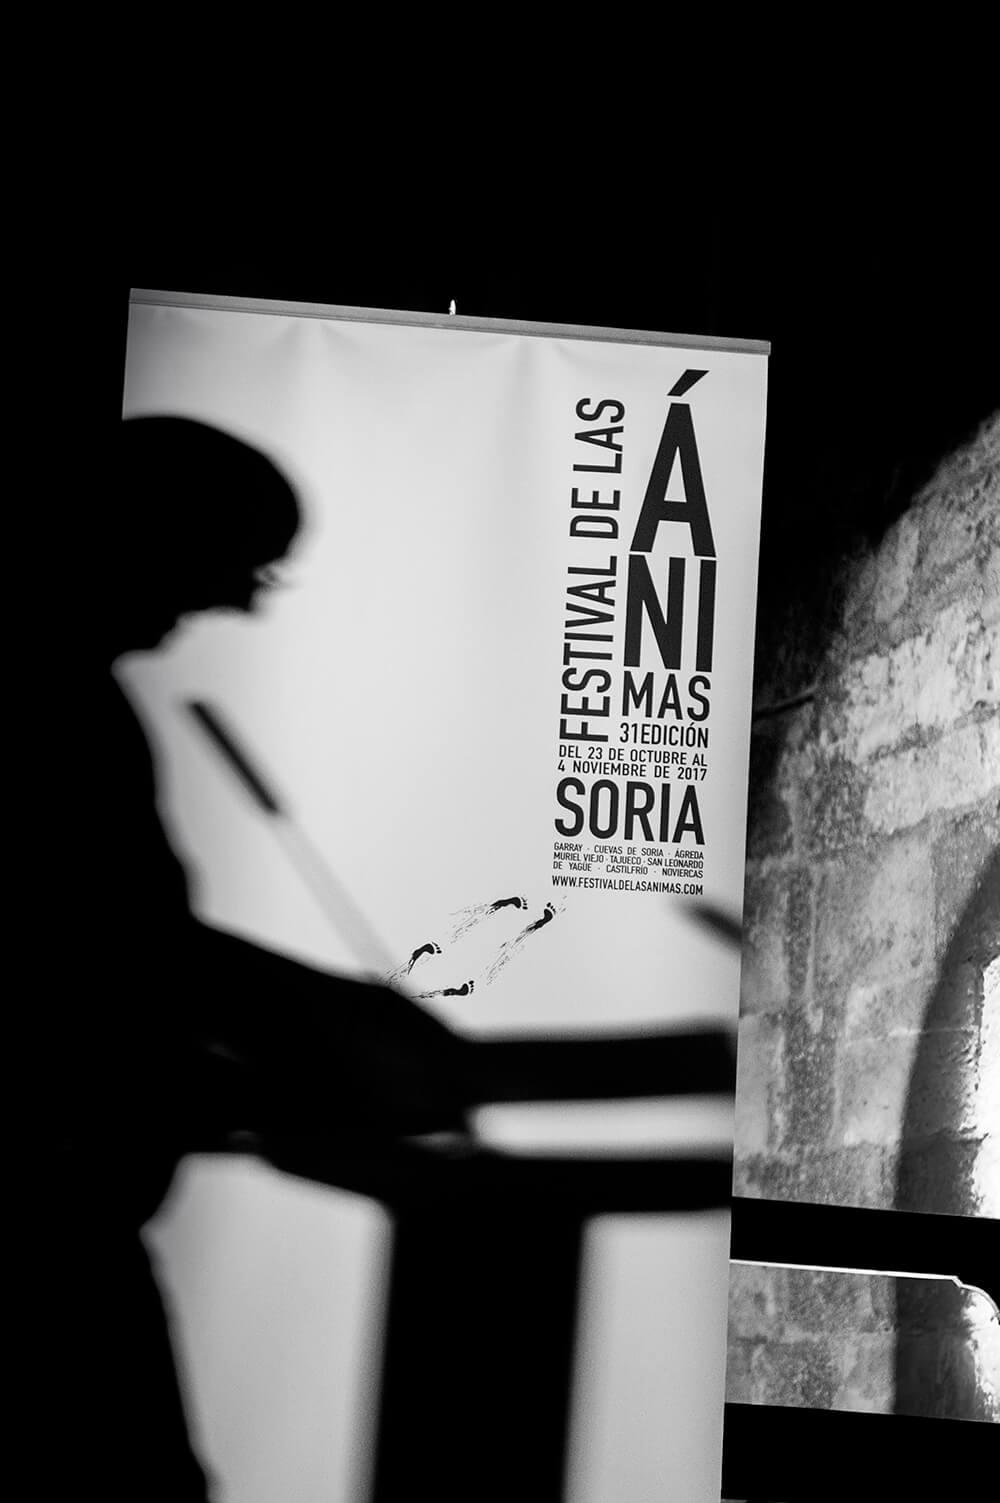 Presentacion-Festival-Animas-2017-Soria-Halloween-concurso-relatos-terror-14